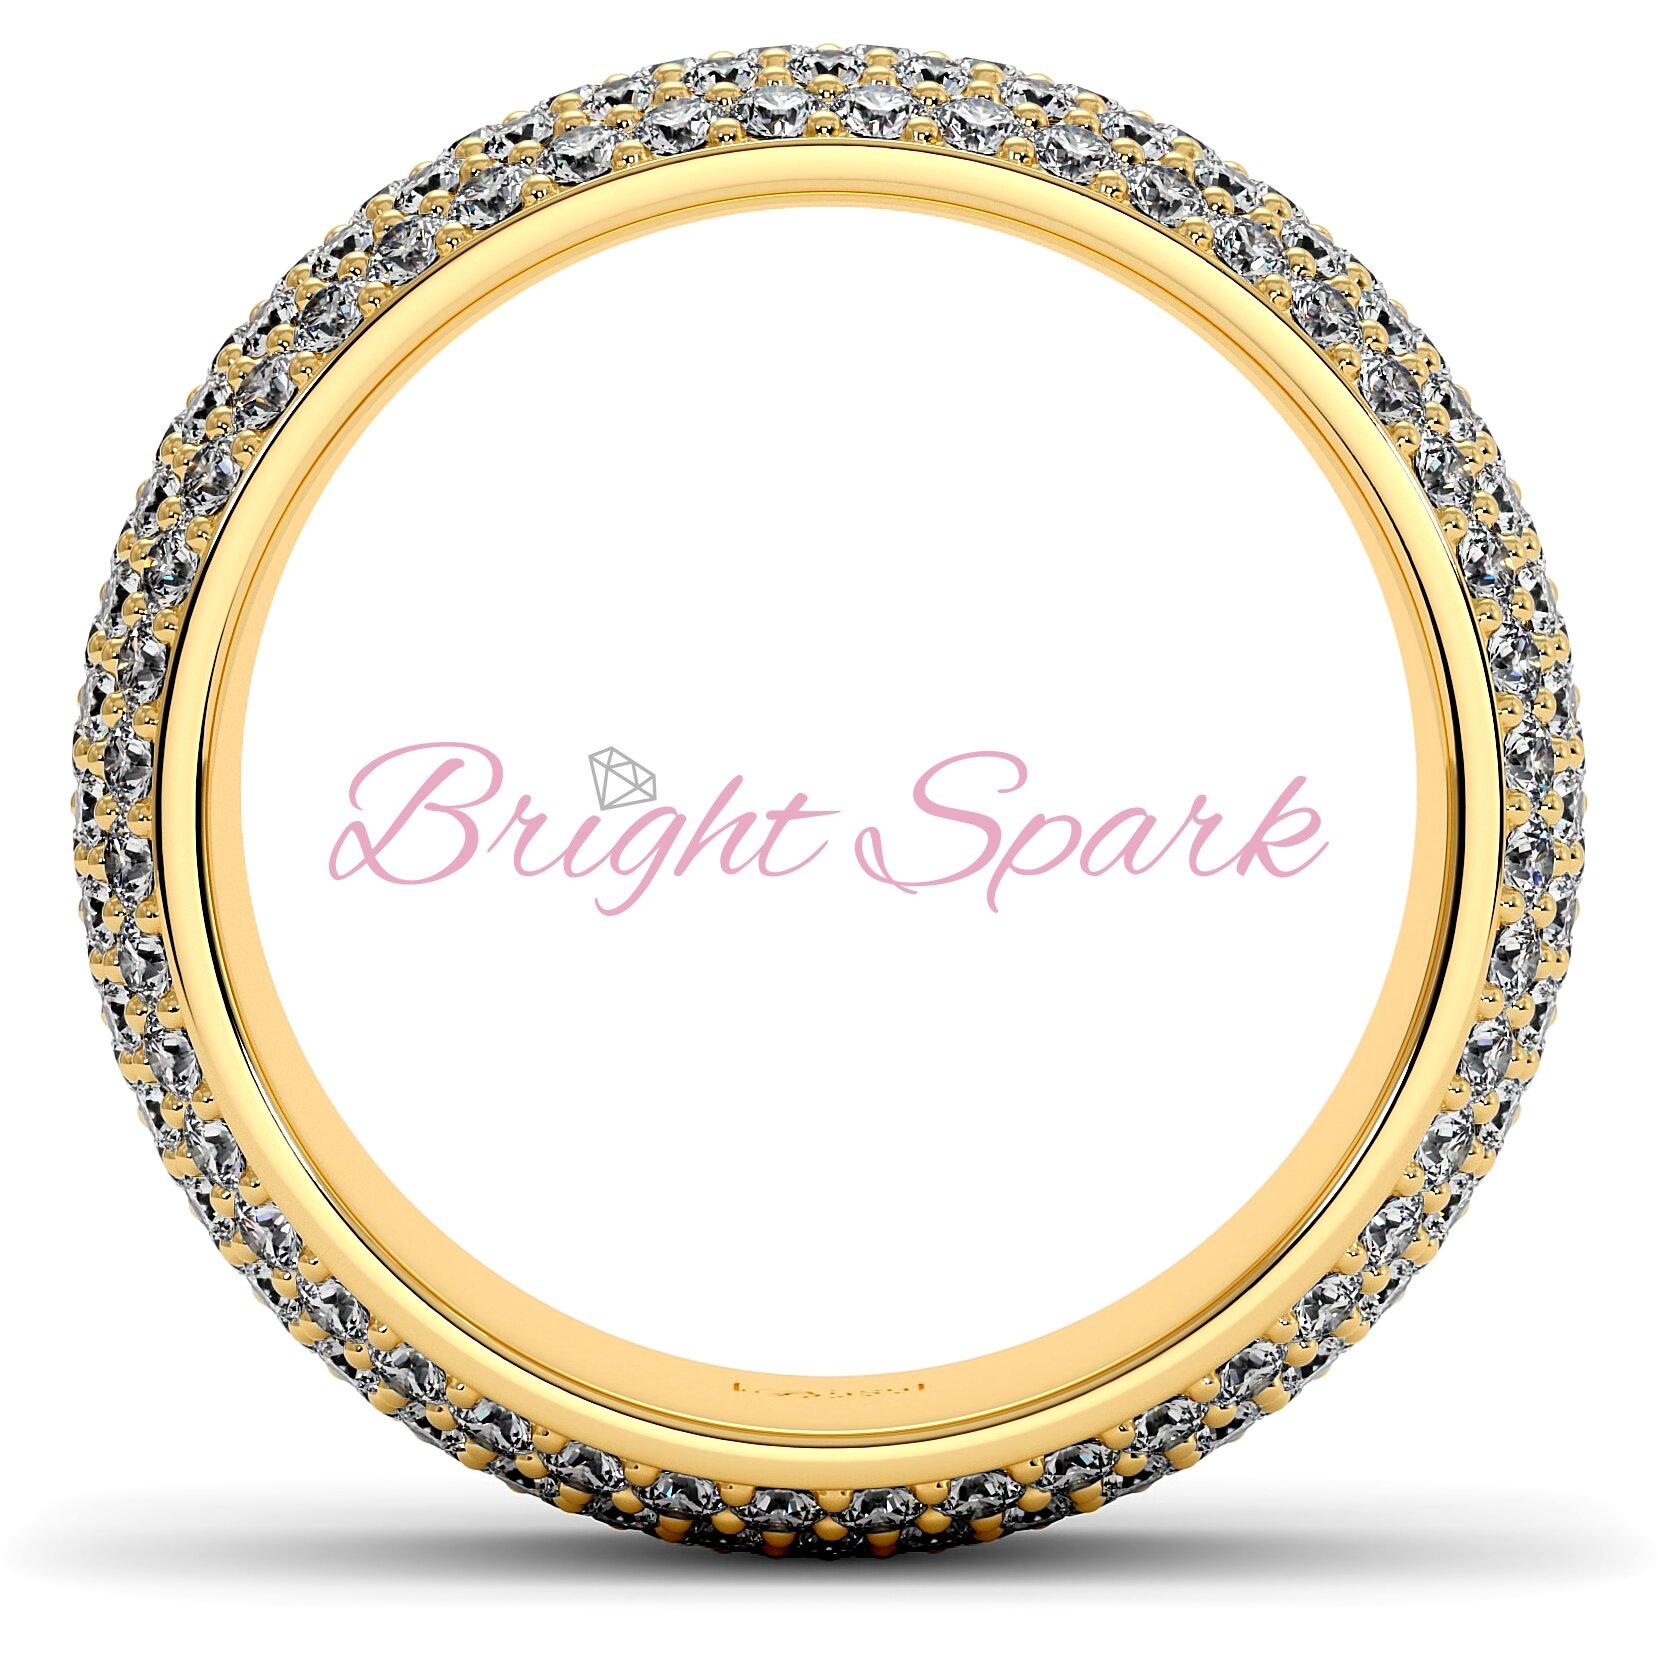 Широкое кольцо желтого золота с россыпью камней Paolina на 2,6 карата